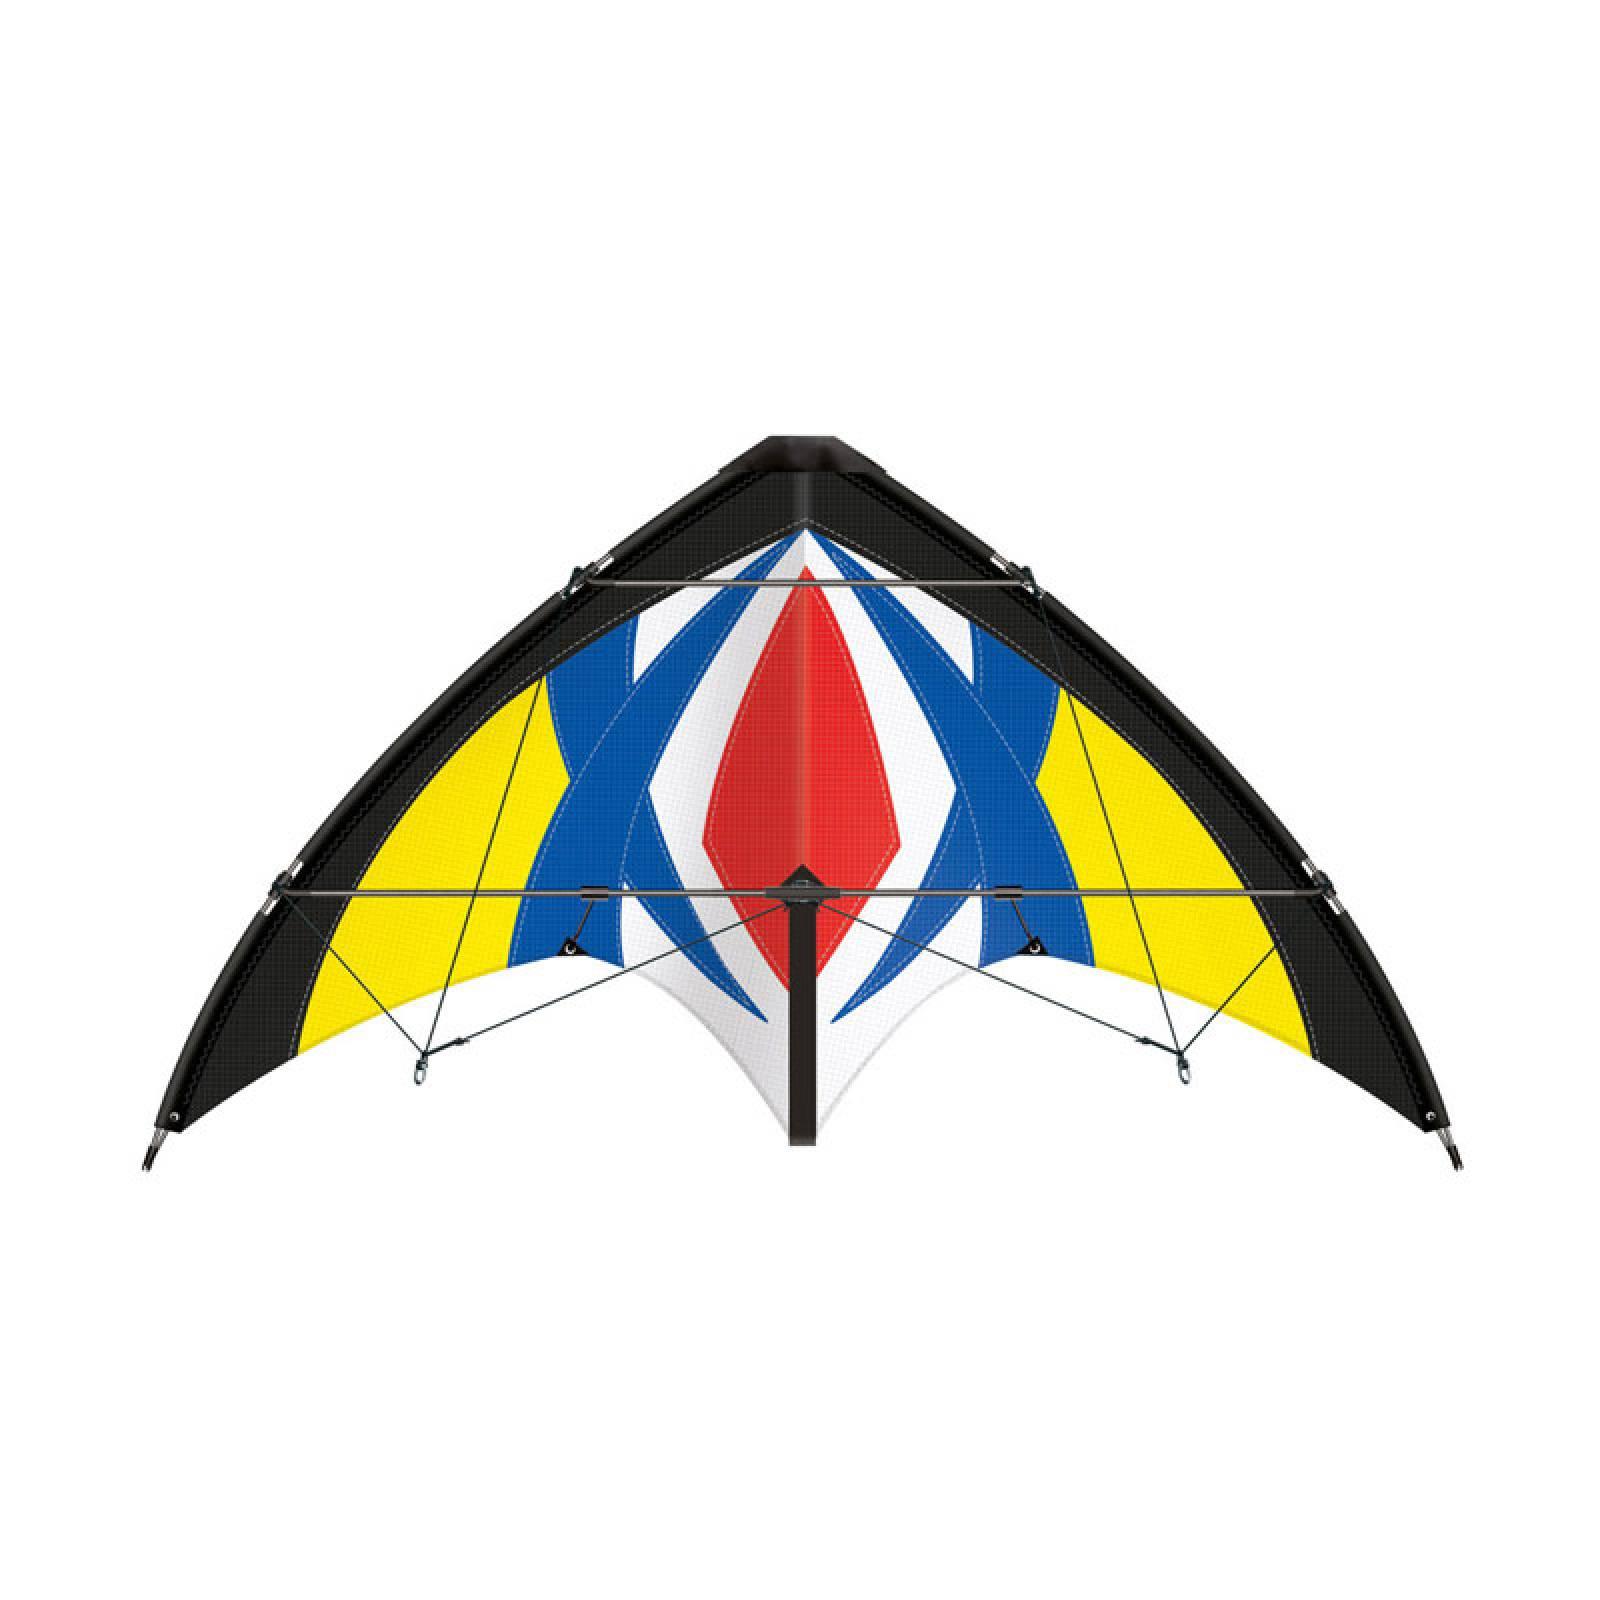 Air Sport Cyclone Kite